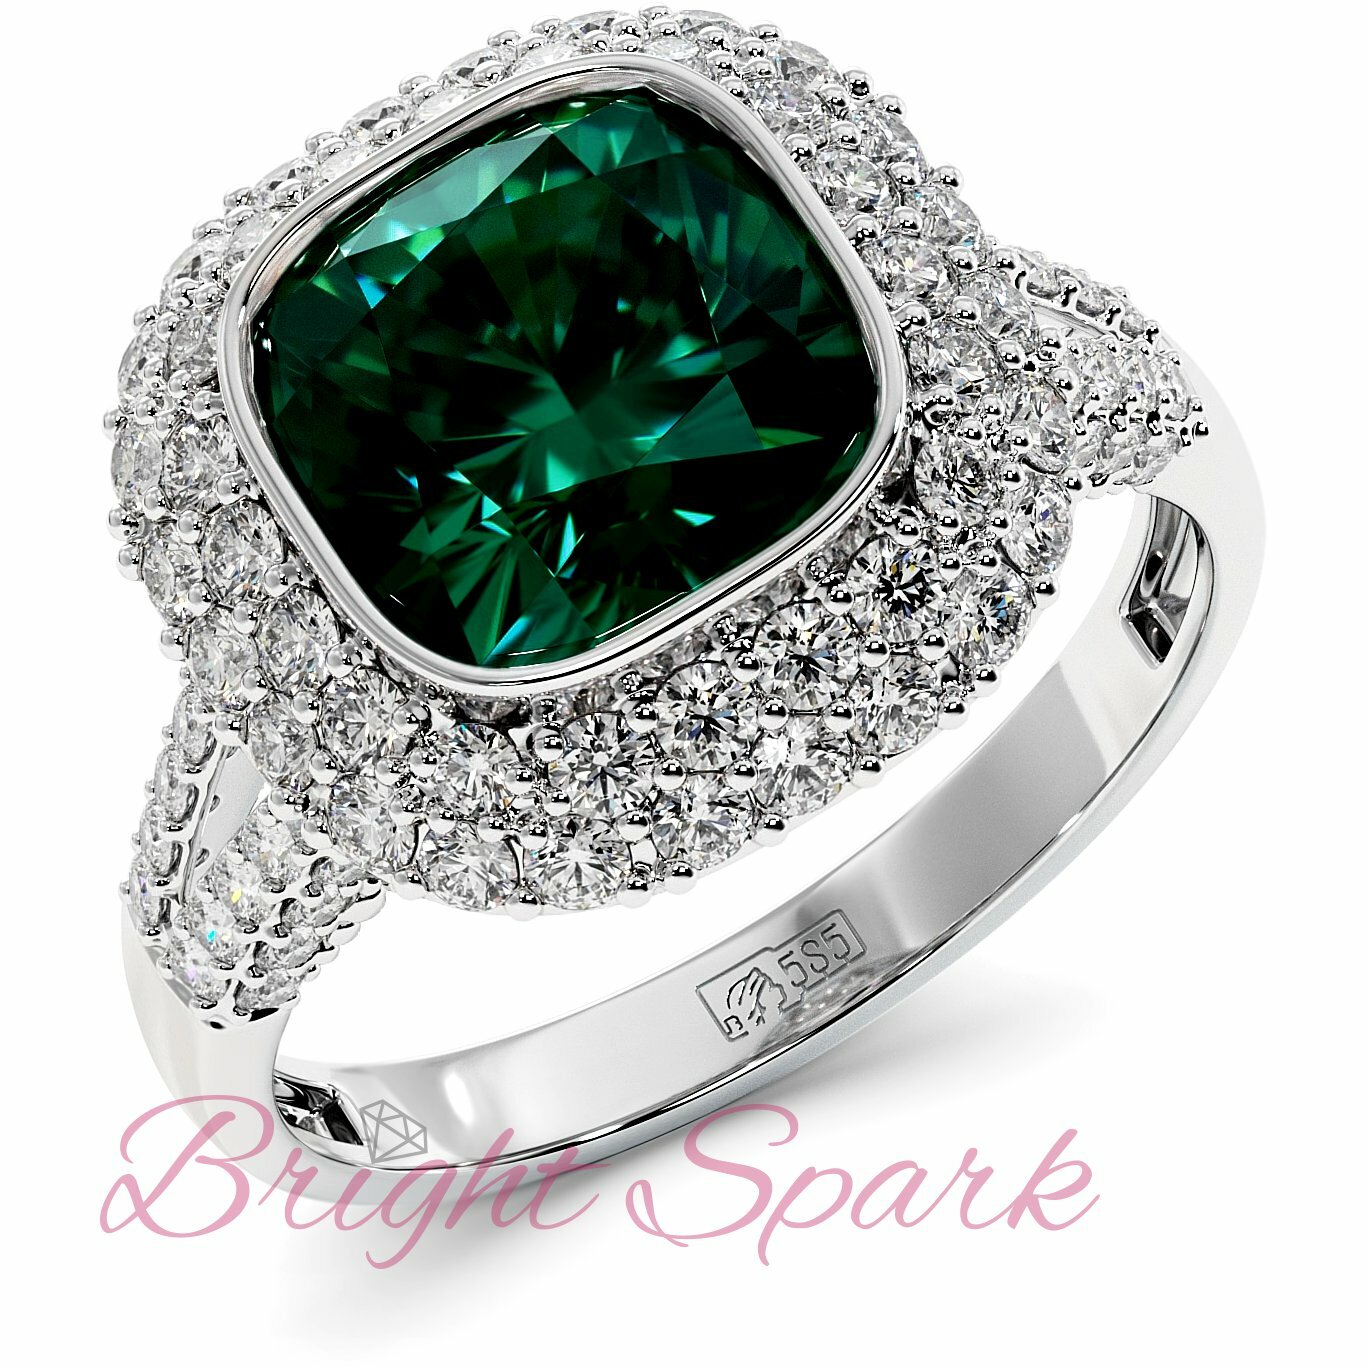 Золотое кольцо с изумрудом кушон в обрамлении россыпи камней Sharon 2,8 карата